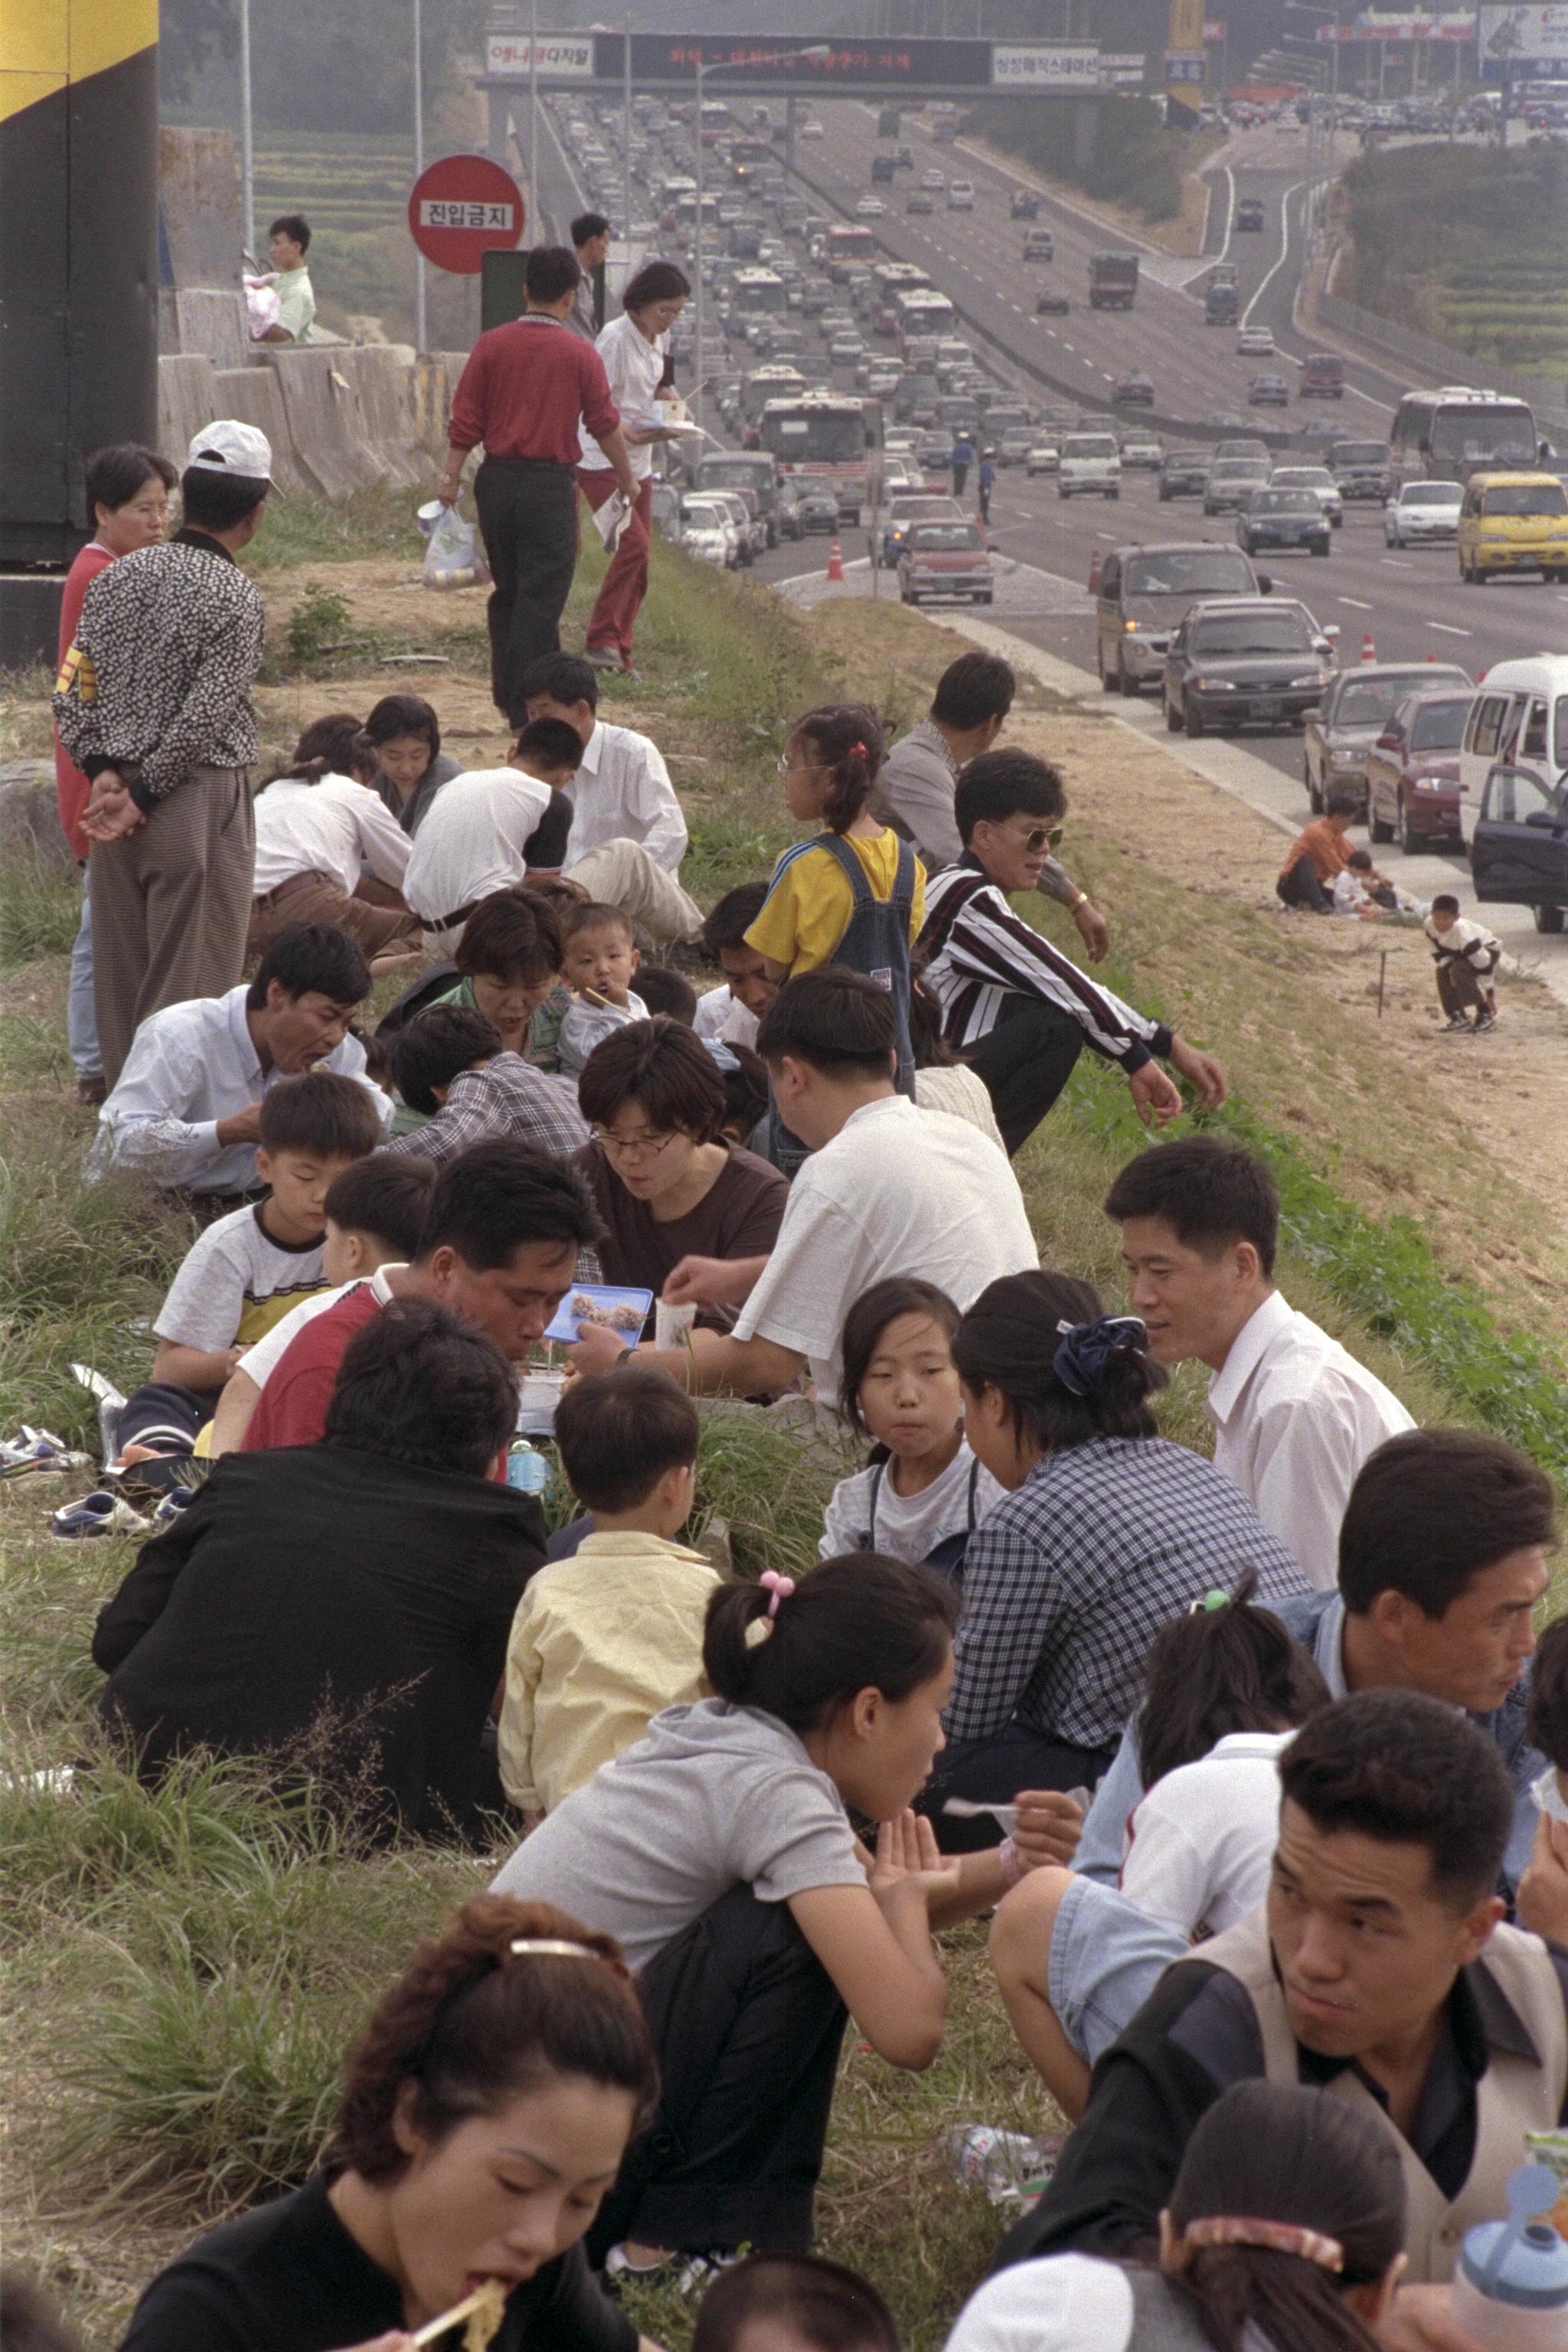 1998년 10월 6일 오후 고속도로가 귀경차량으로 정체를 반복하고 휴게소가 혼잡하자 귀경객들이 길가에 차를 세우고 음식을 먹고 있다.[중앙포토]